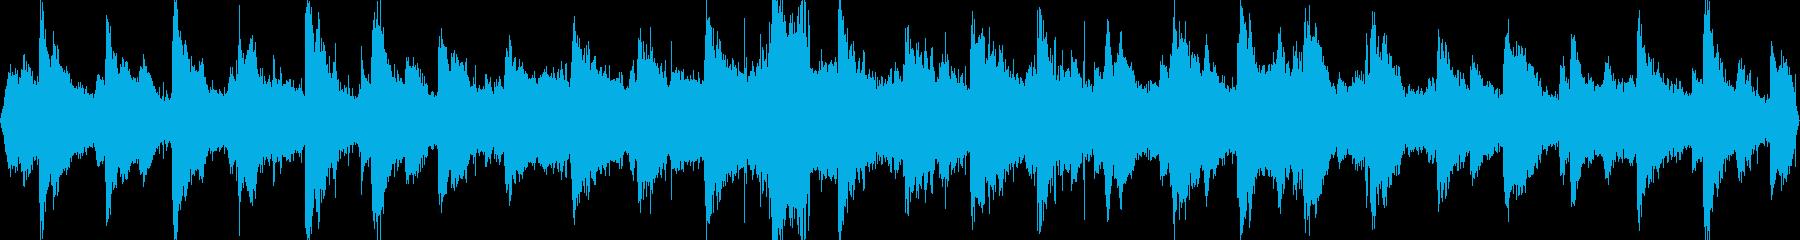 フィンランドの大聖堂の鐘の音ですの再生済みの波形